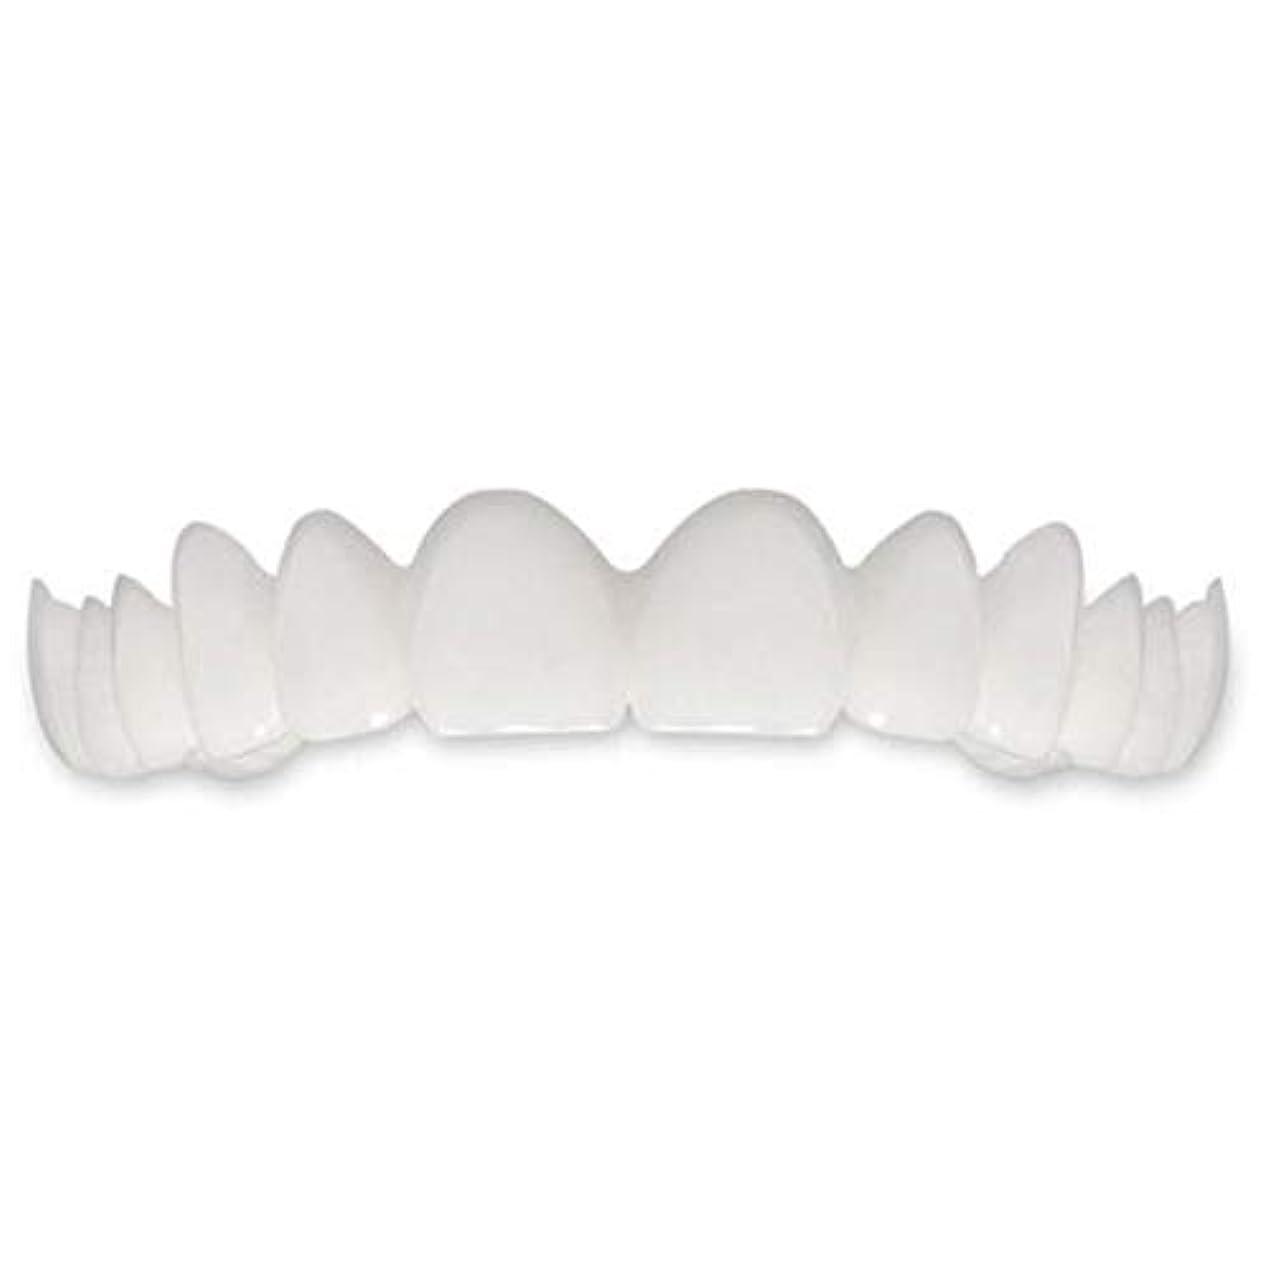 地上のシャーロックホームズファイナンス笑顔の偽歯カバーを白くする歯の瞬間の完璧な笑顔フレックス歯 - ホワイト